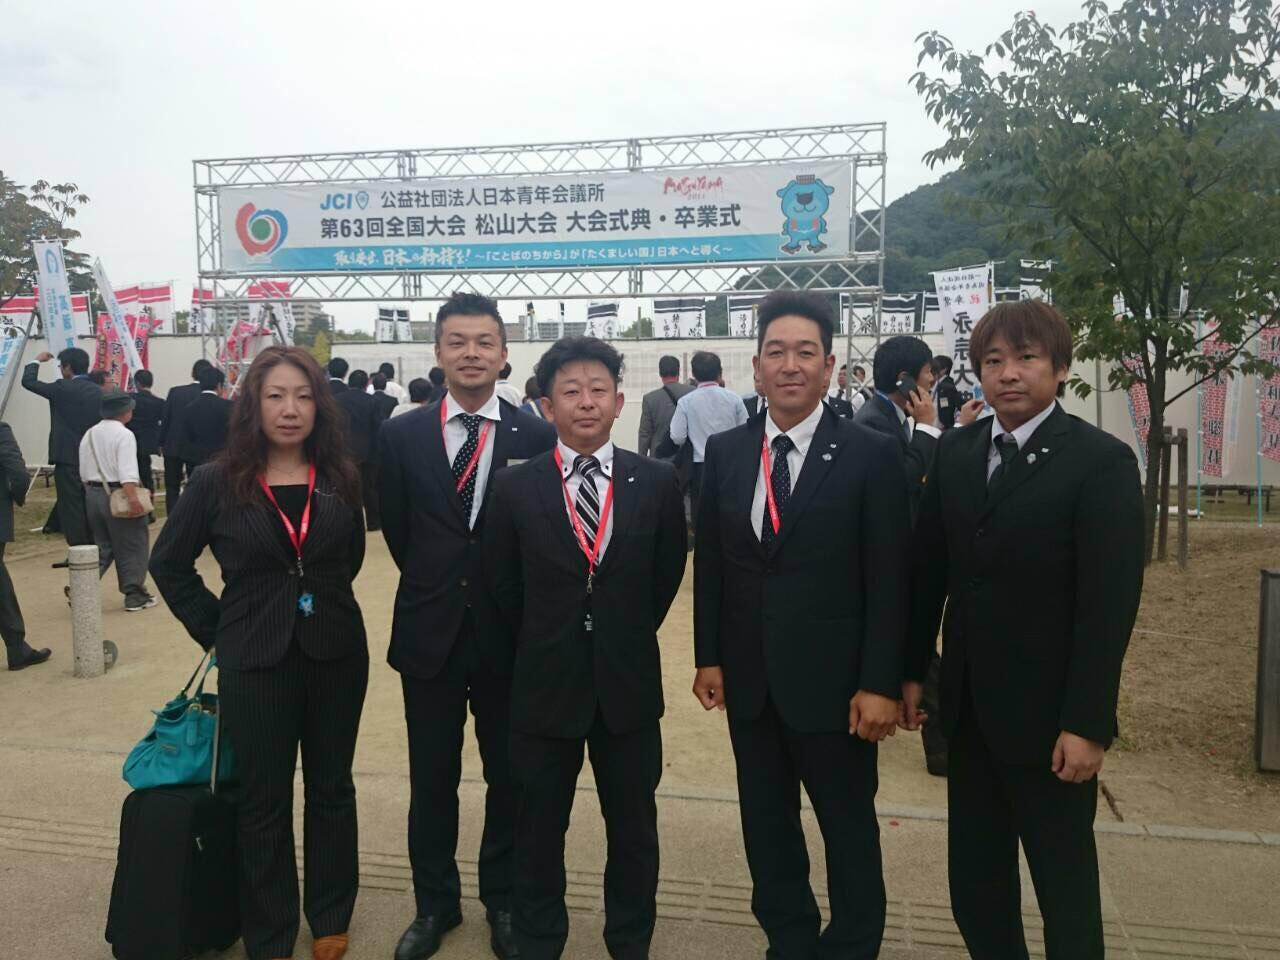 (公社)日本青年会議所 第63回全国大会 松山大会開催